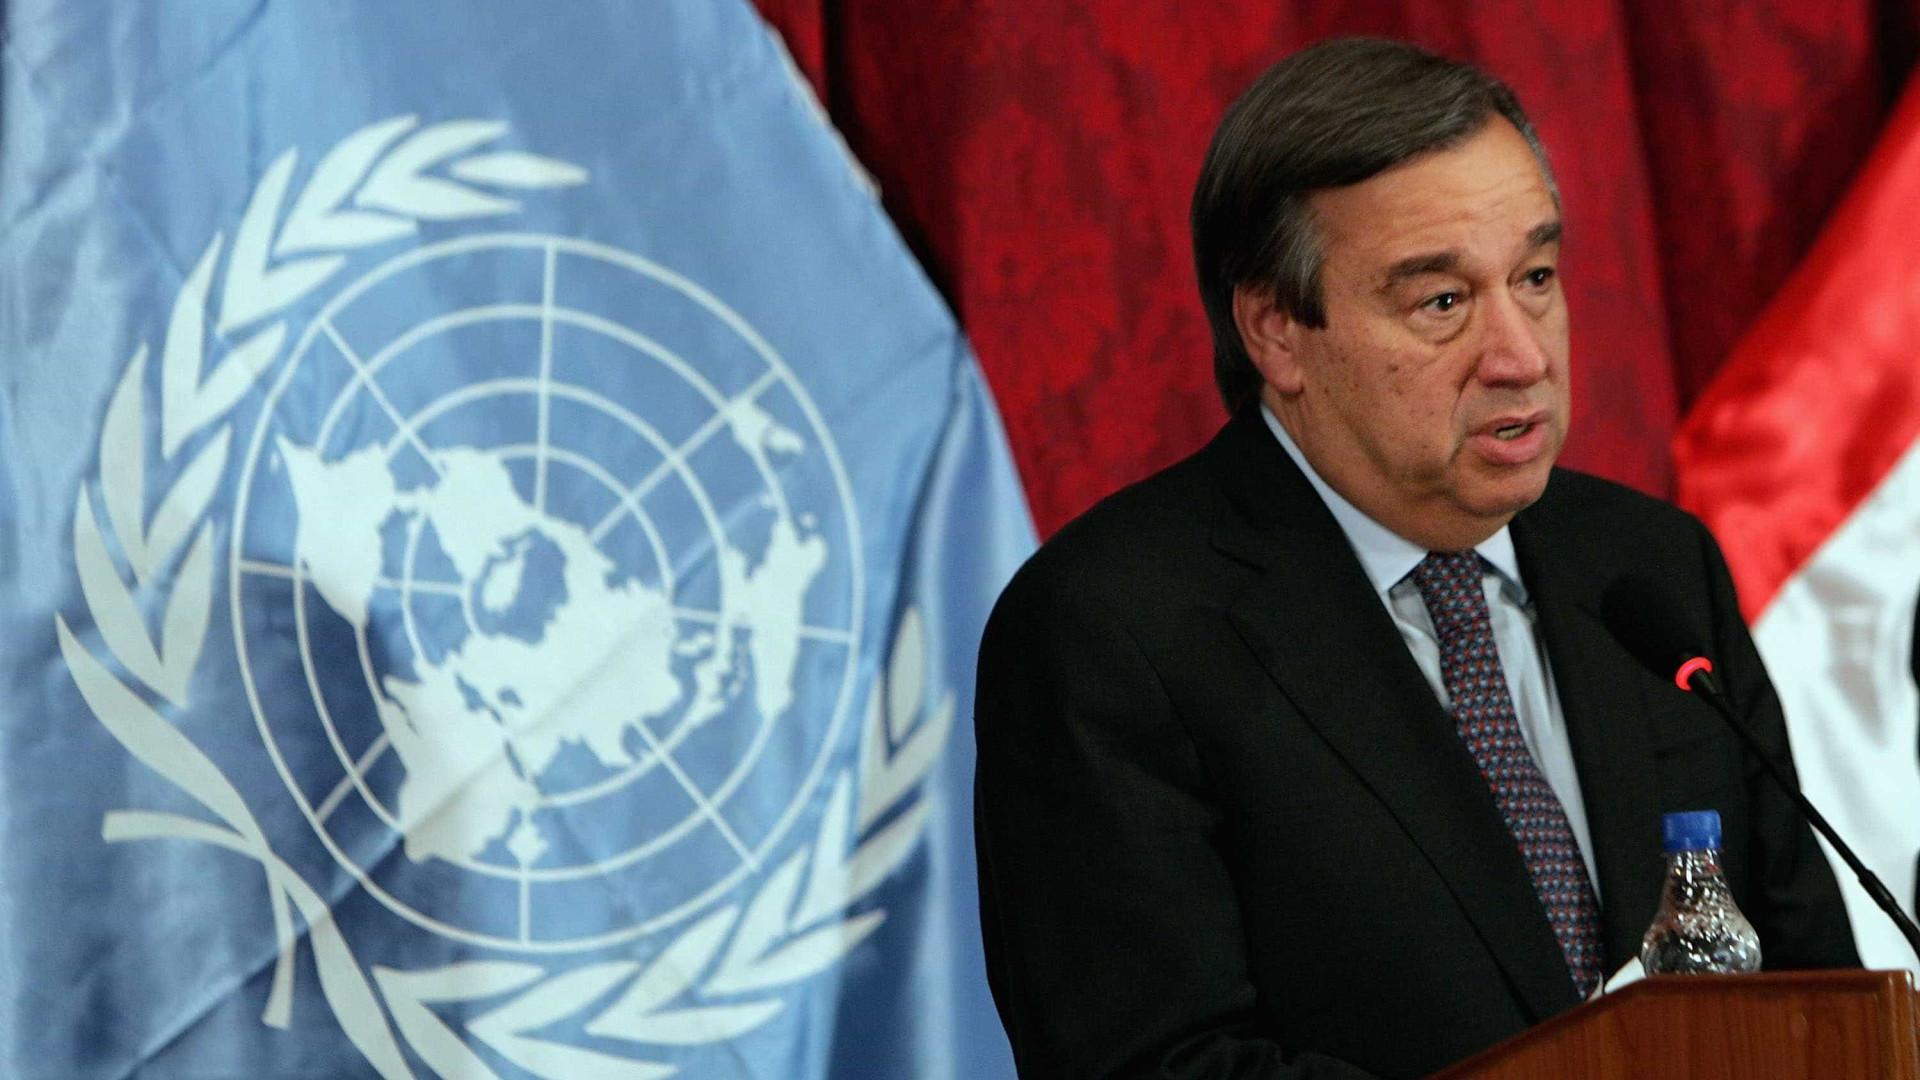 Agora, sim, é oficial: Guterres aclamado como secretário-geral da ONU